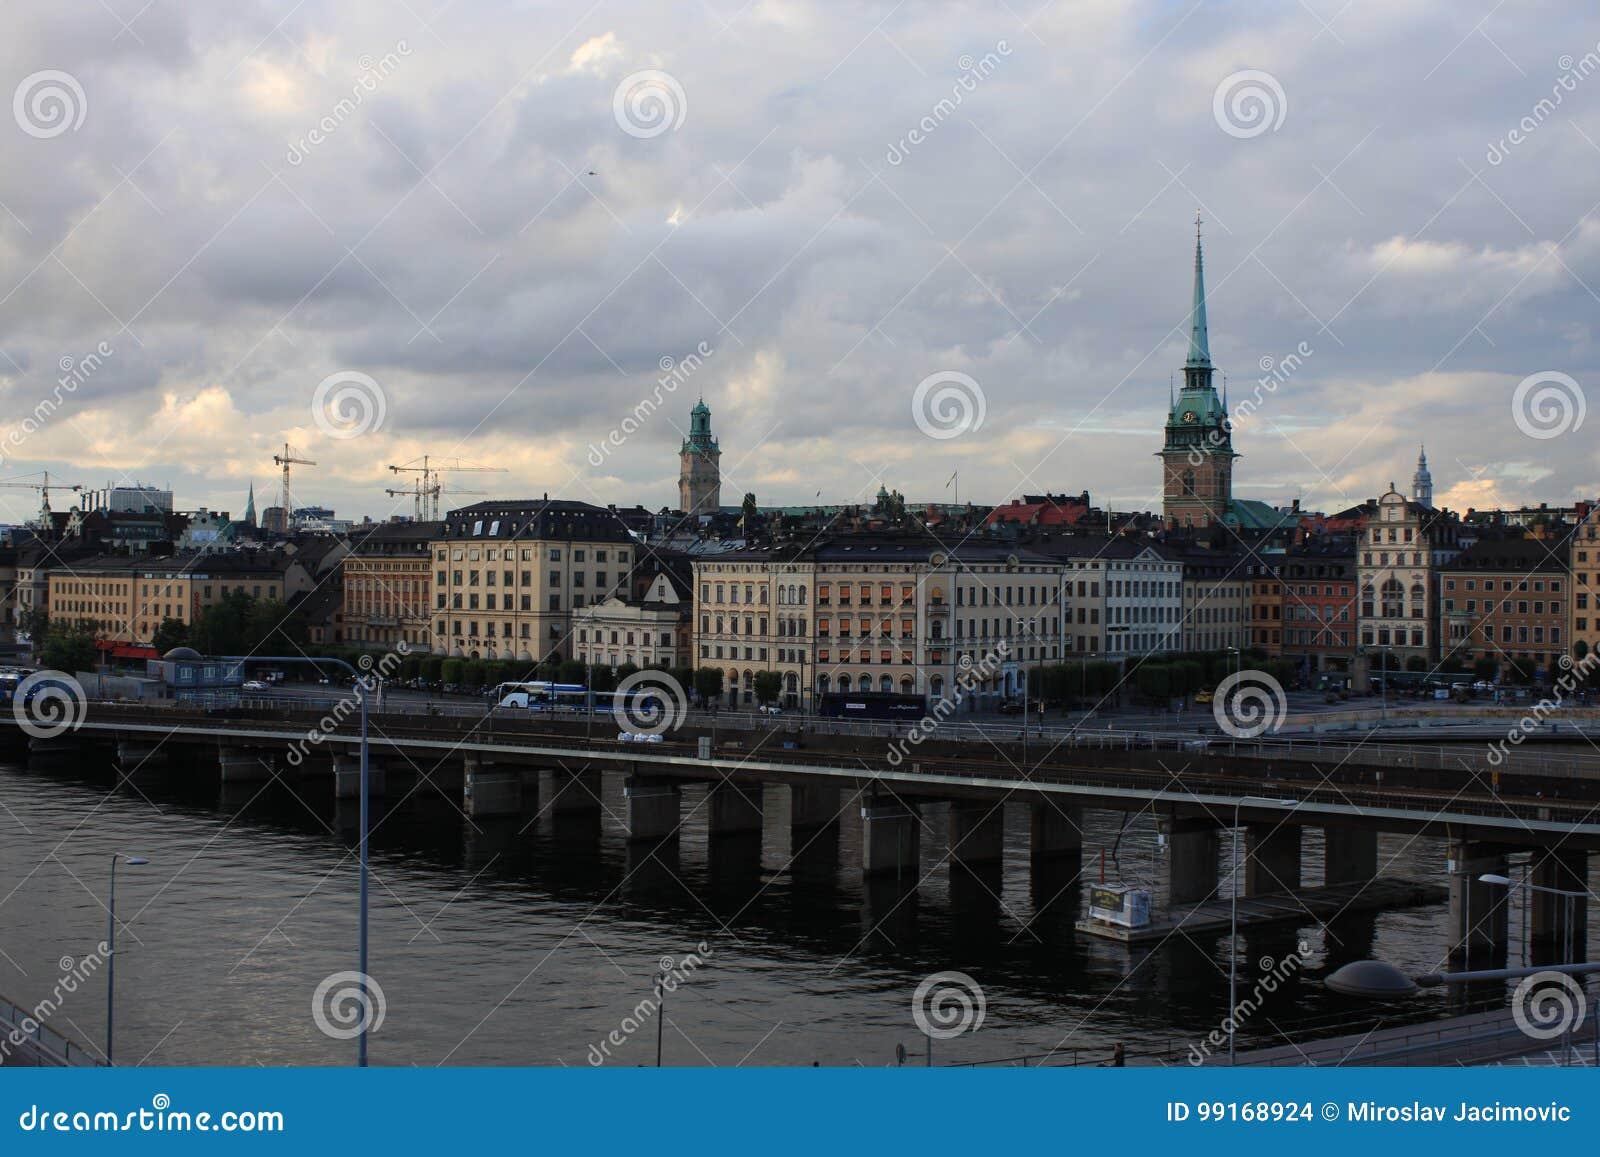 Stadt In Schweden Kreuzworträtsel